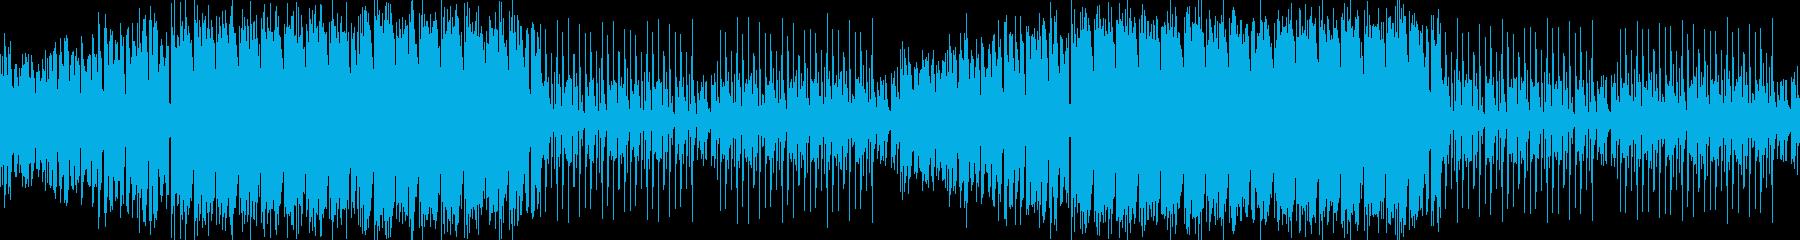 爽やか明るいパワフルEDM・CM入場の再生済みの波形